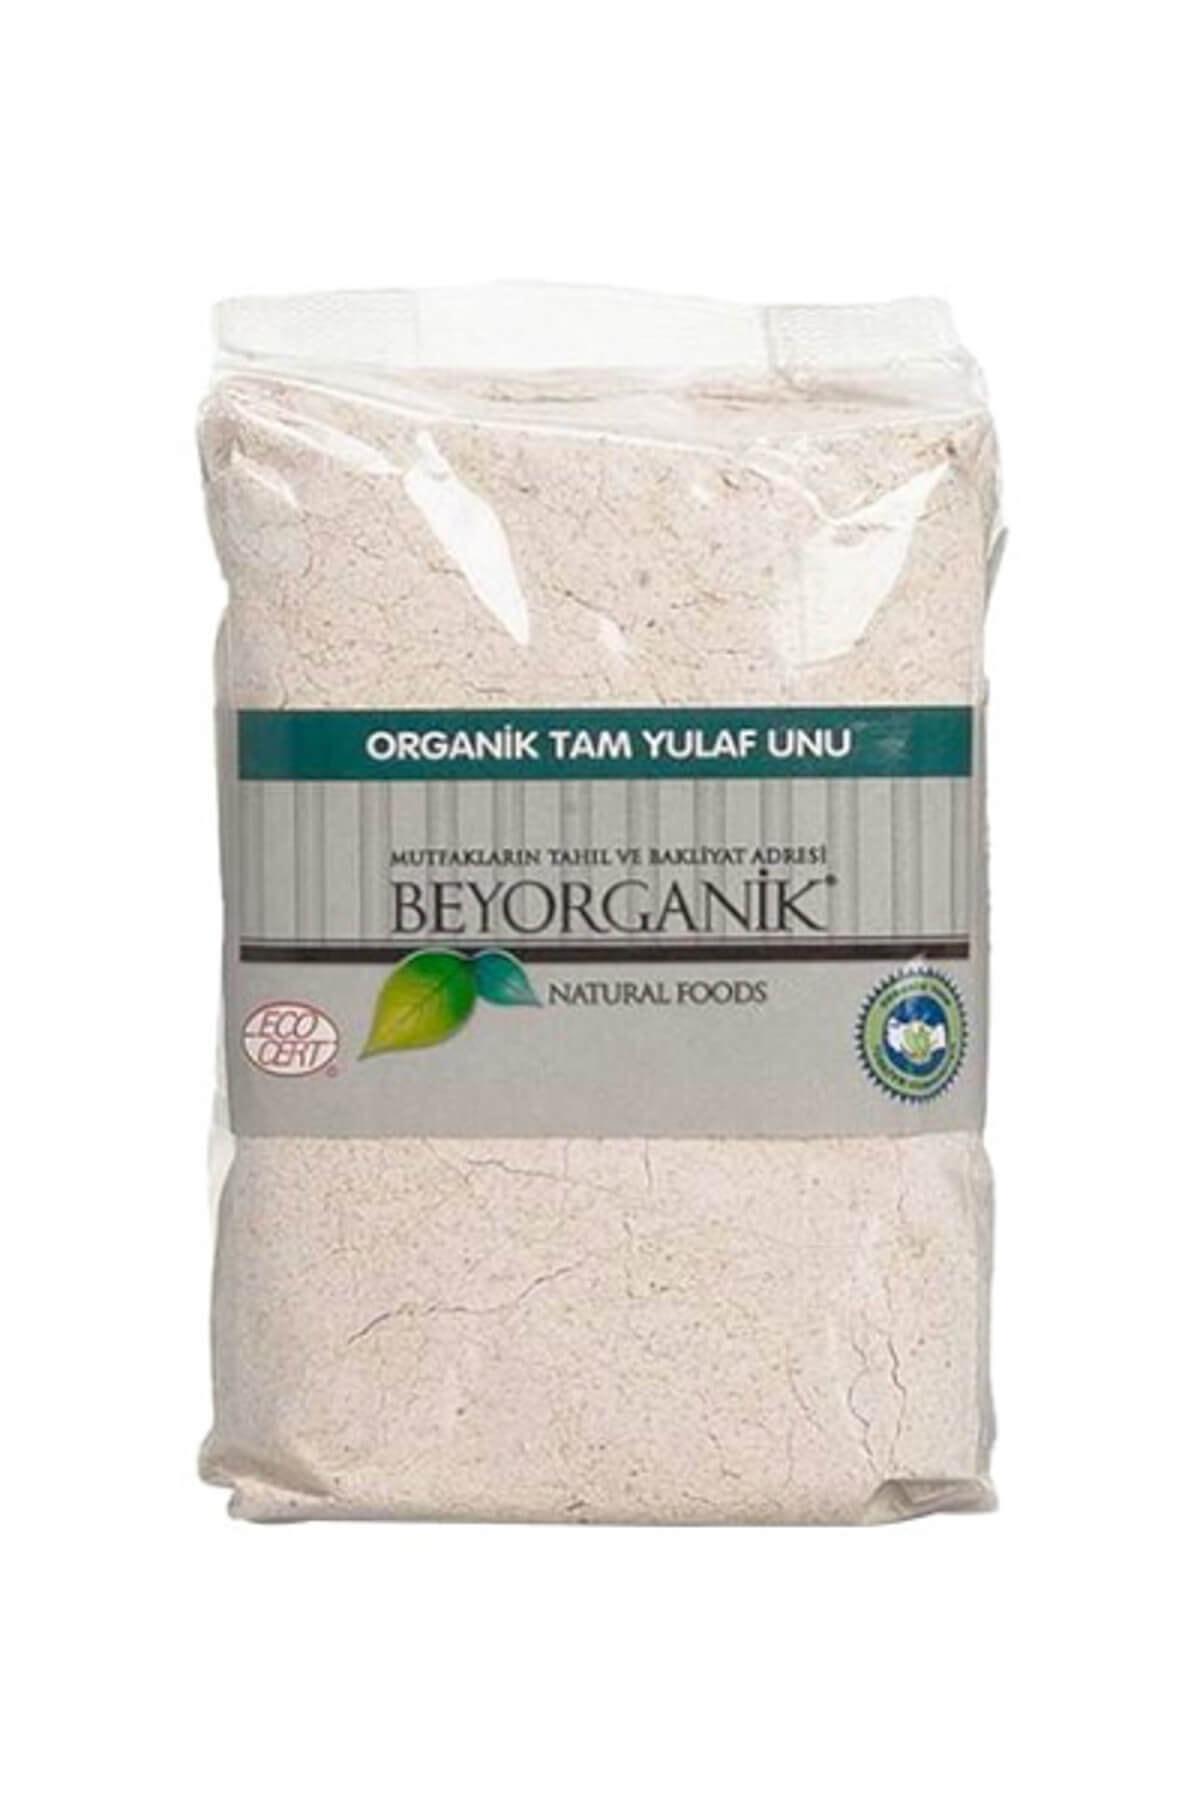 BEYORGANİK Organik Yulaf Unu 350 gr 1